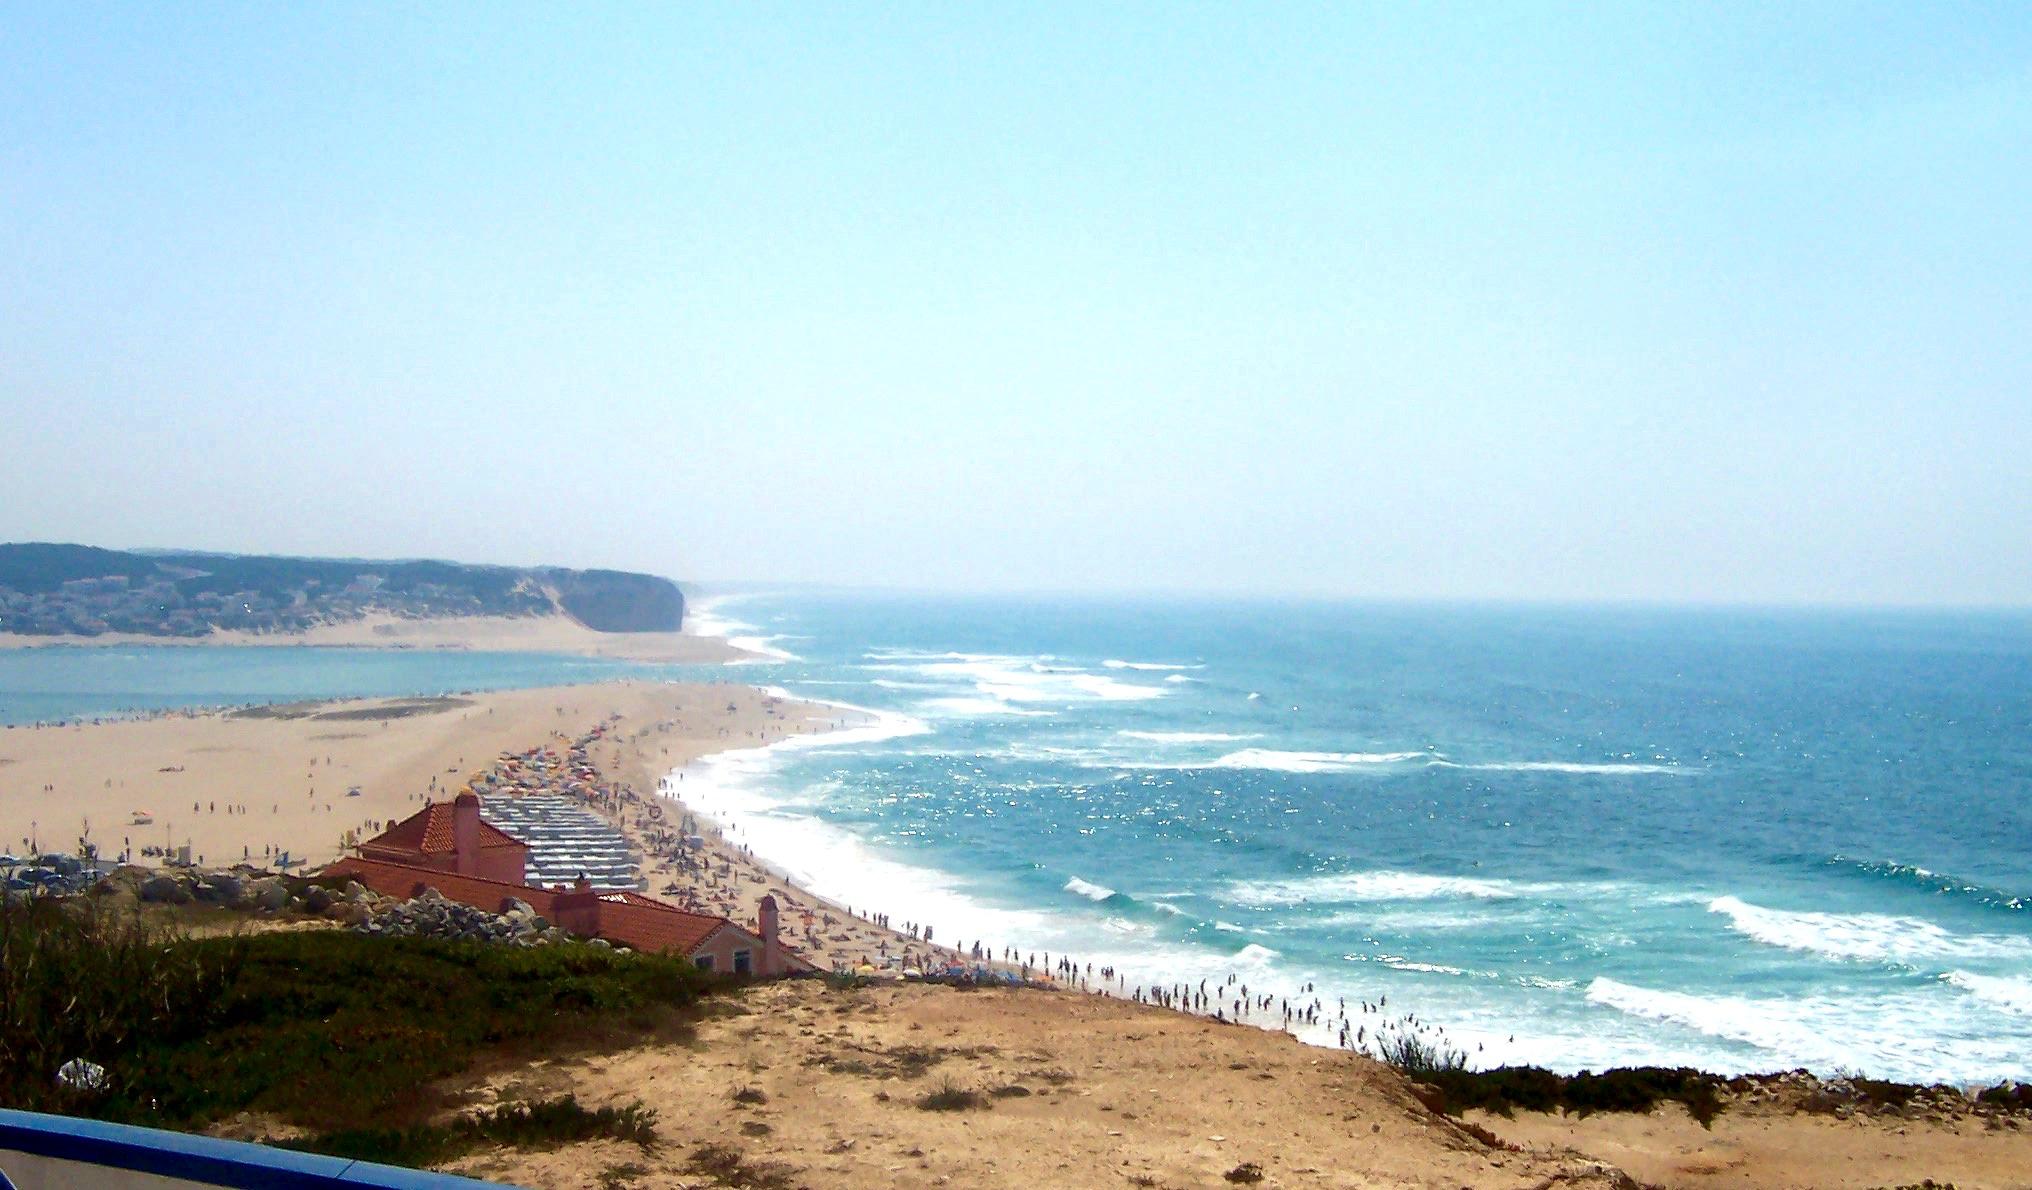 Beach of Foz do Arelho, Portugal